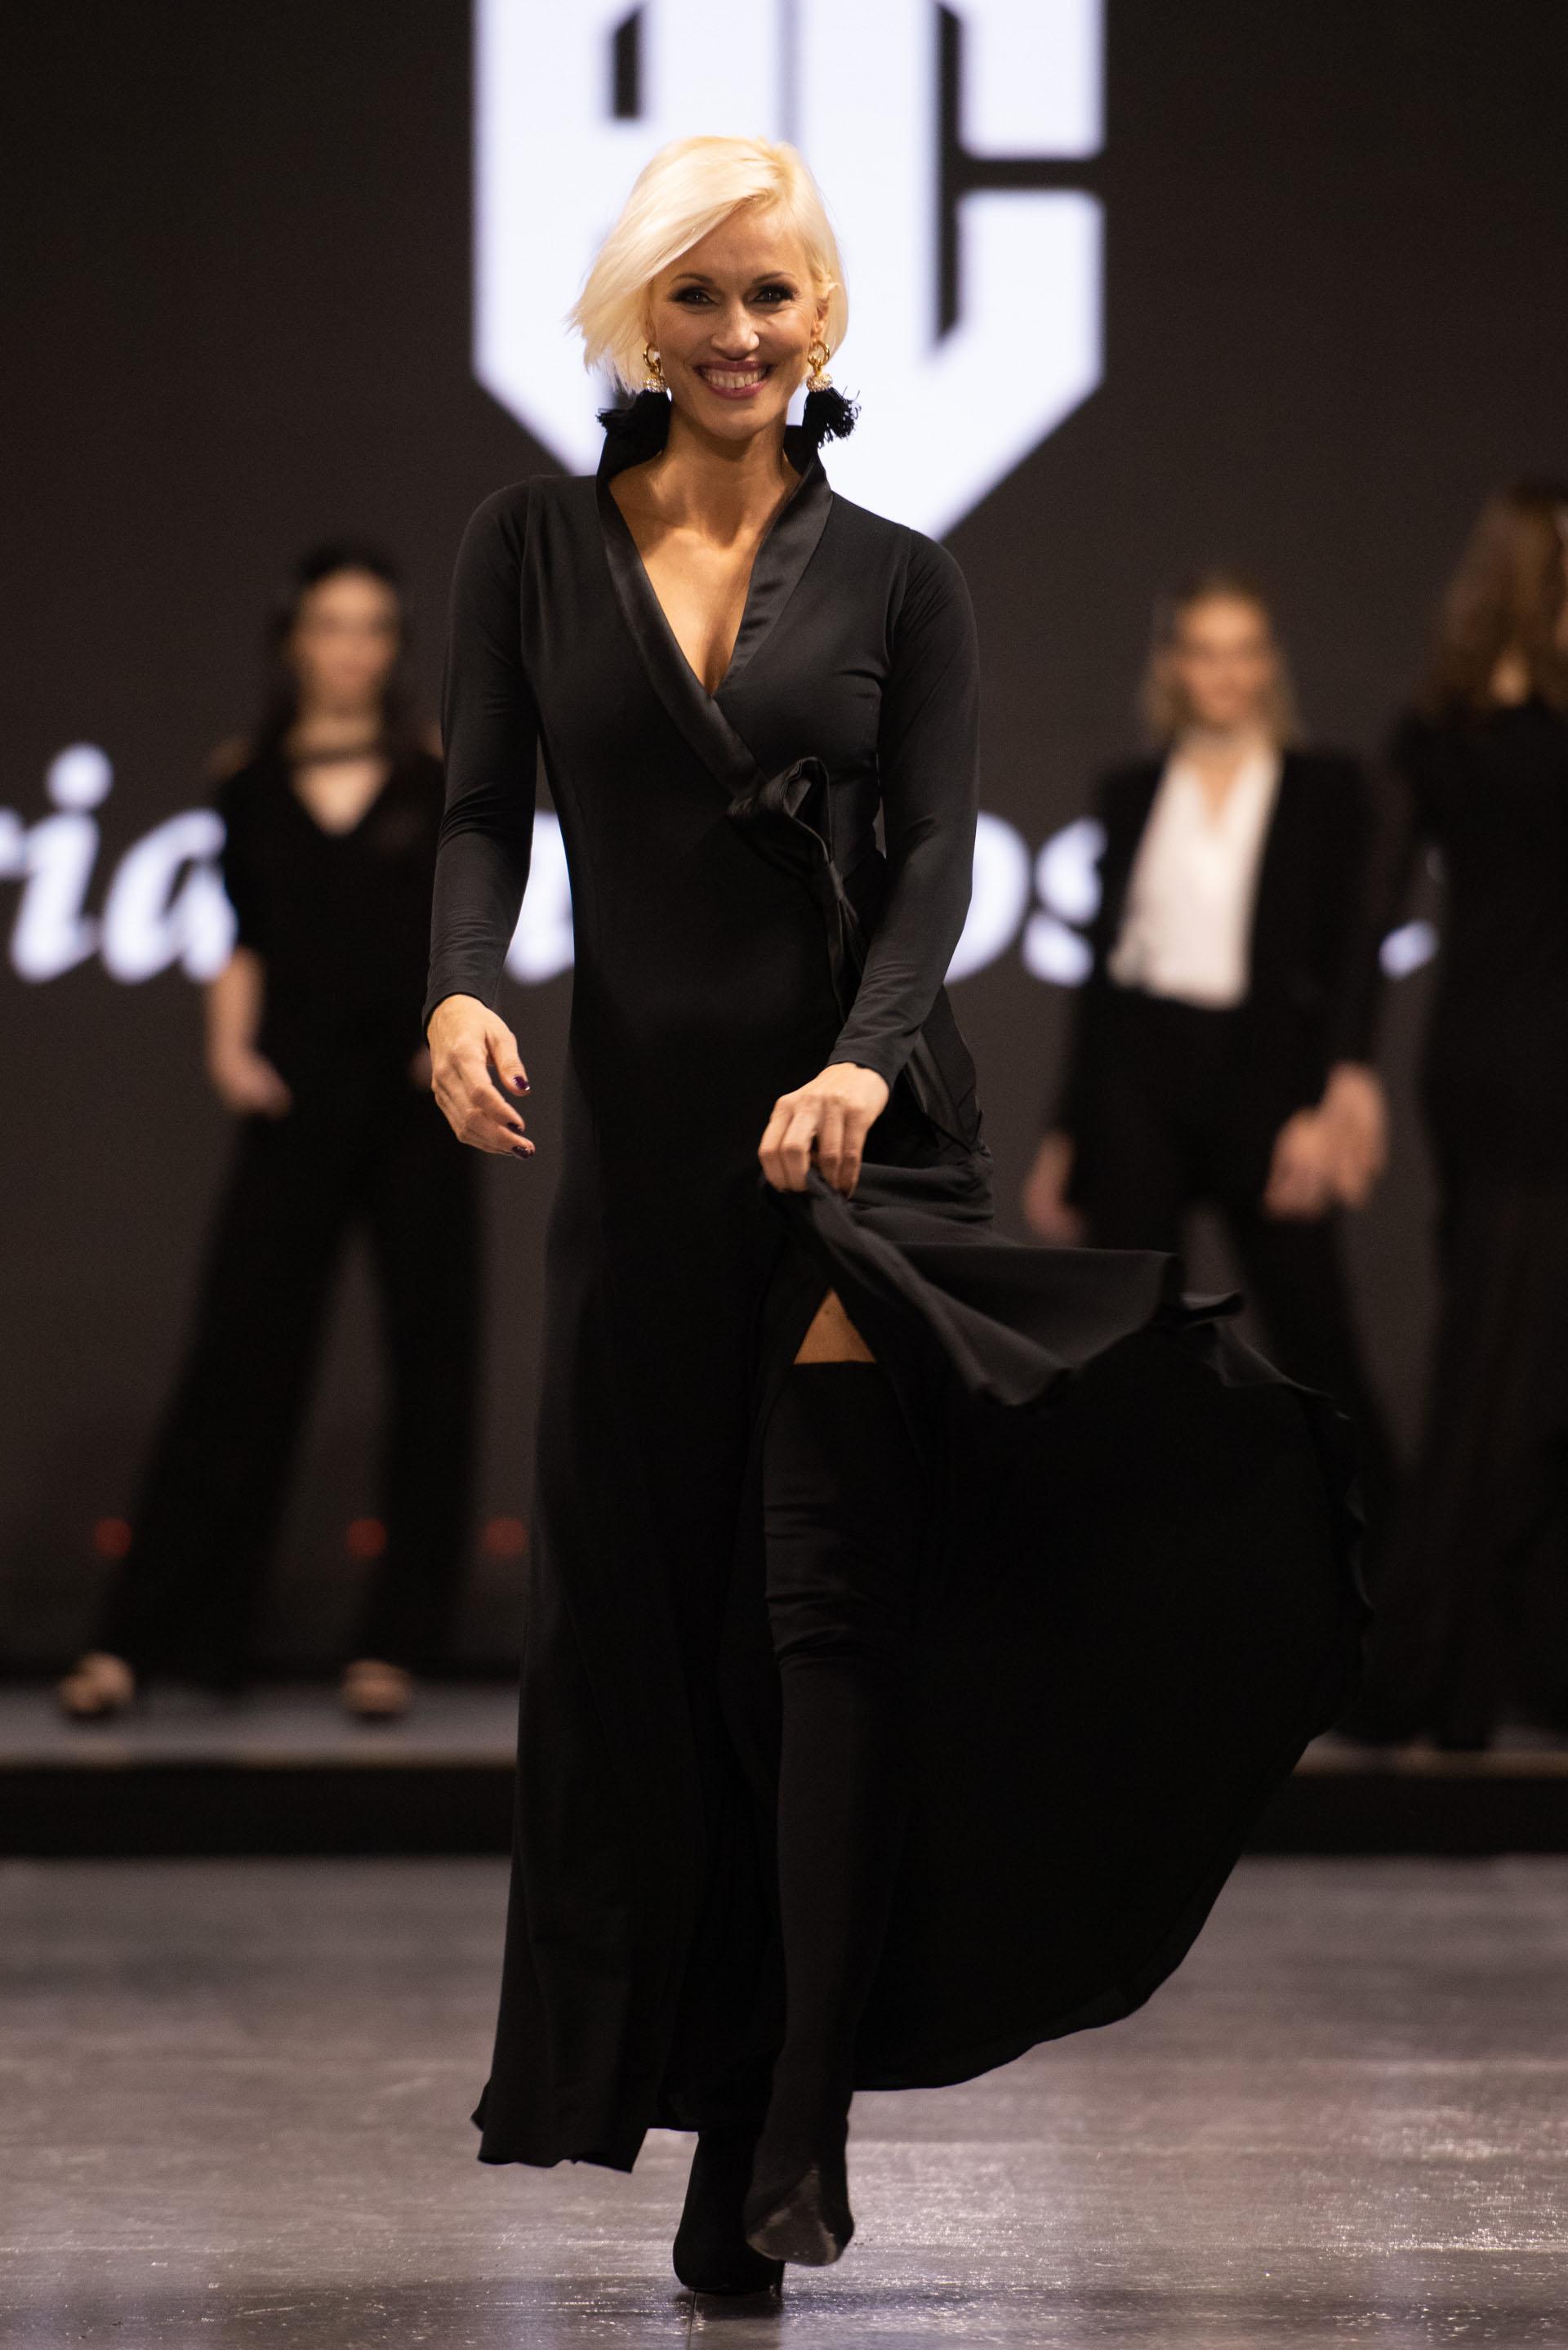 La modelo Ingrid Grudkeluciendo un vestido negro de seda fría y lazo de la colección Prêt-à-porter de Adriana Costantini